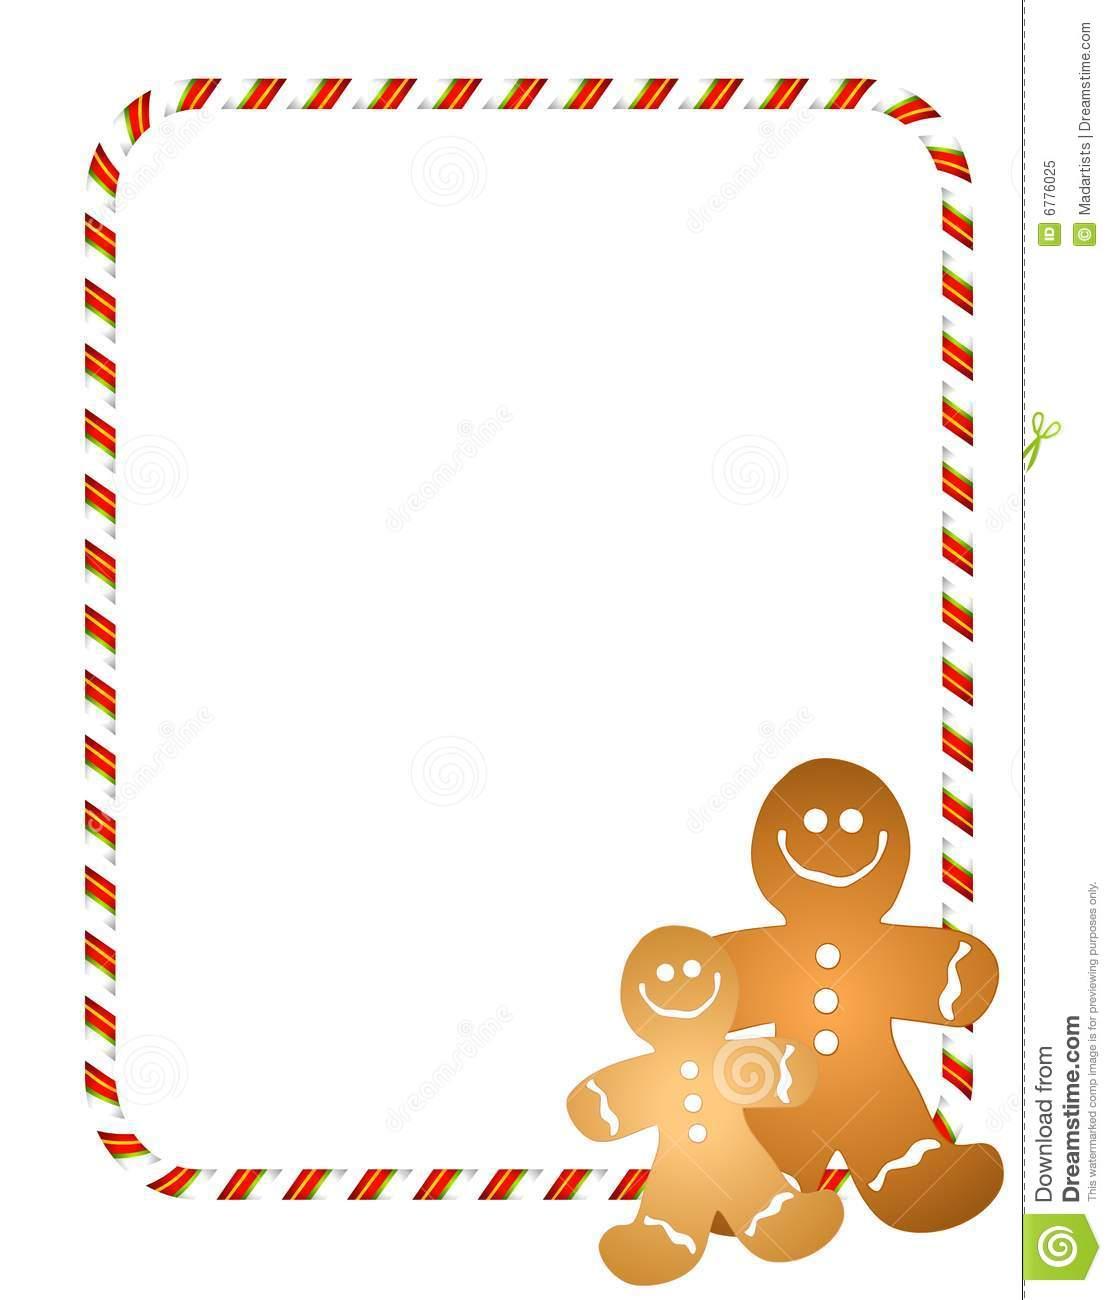 Gingerbread Men Border stock illustration. Illustration of wallpaper.